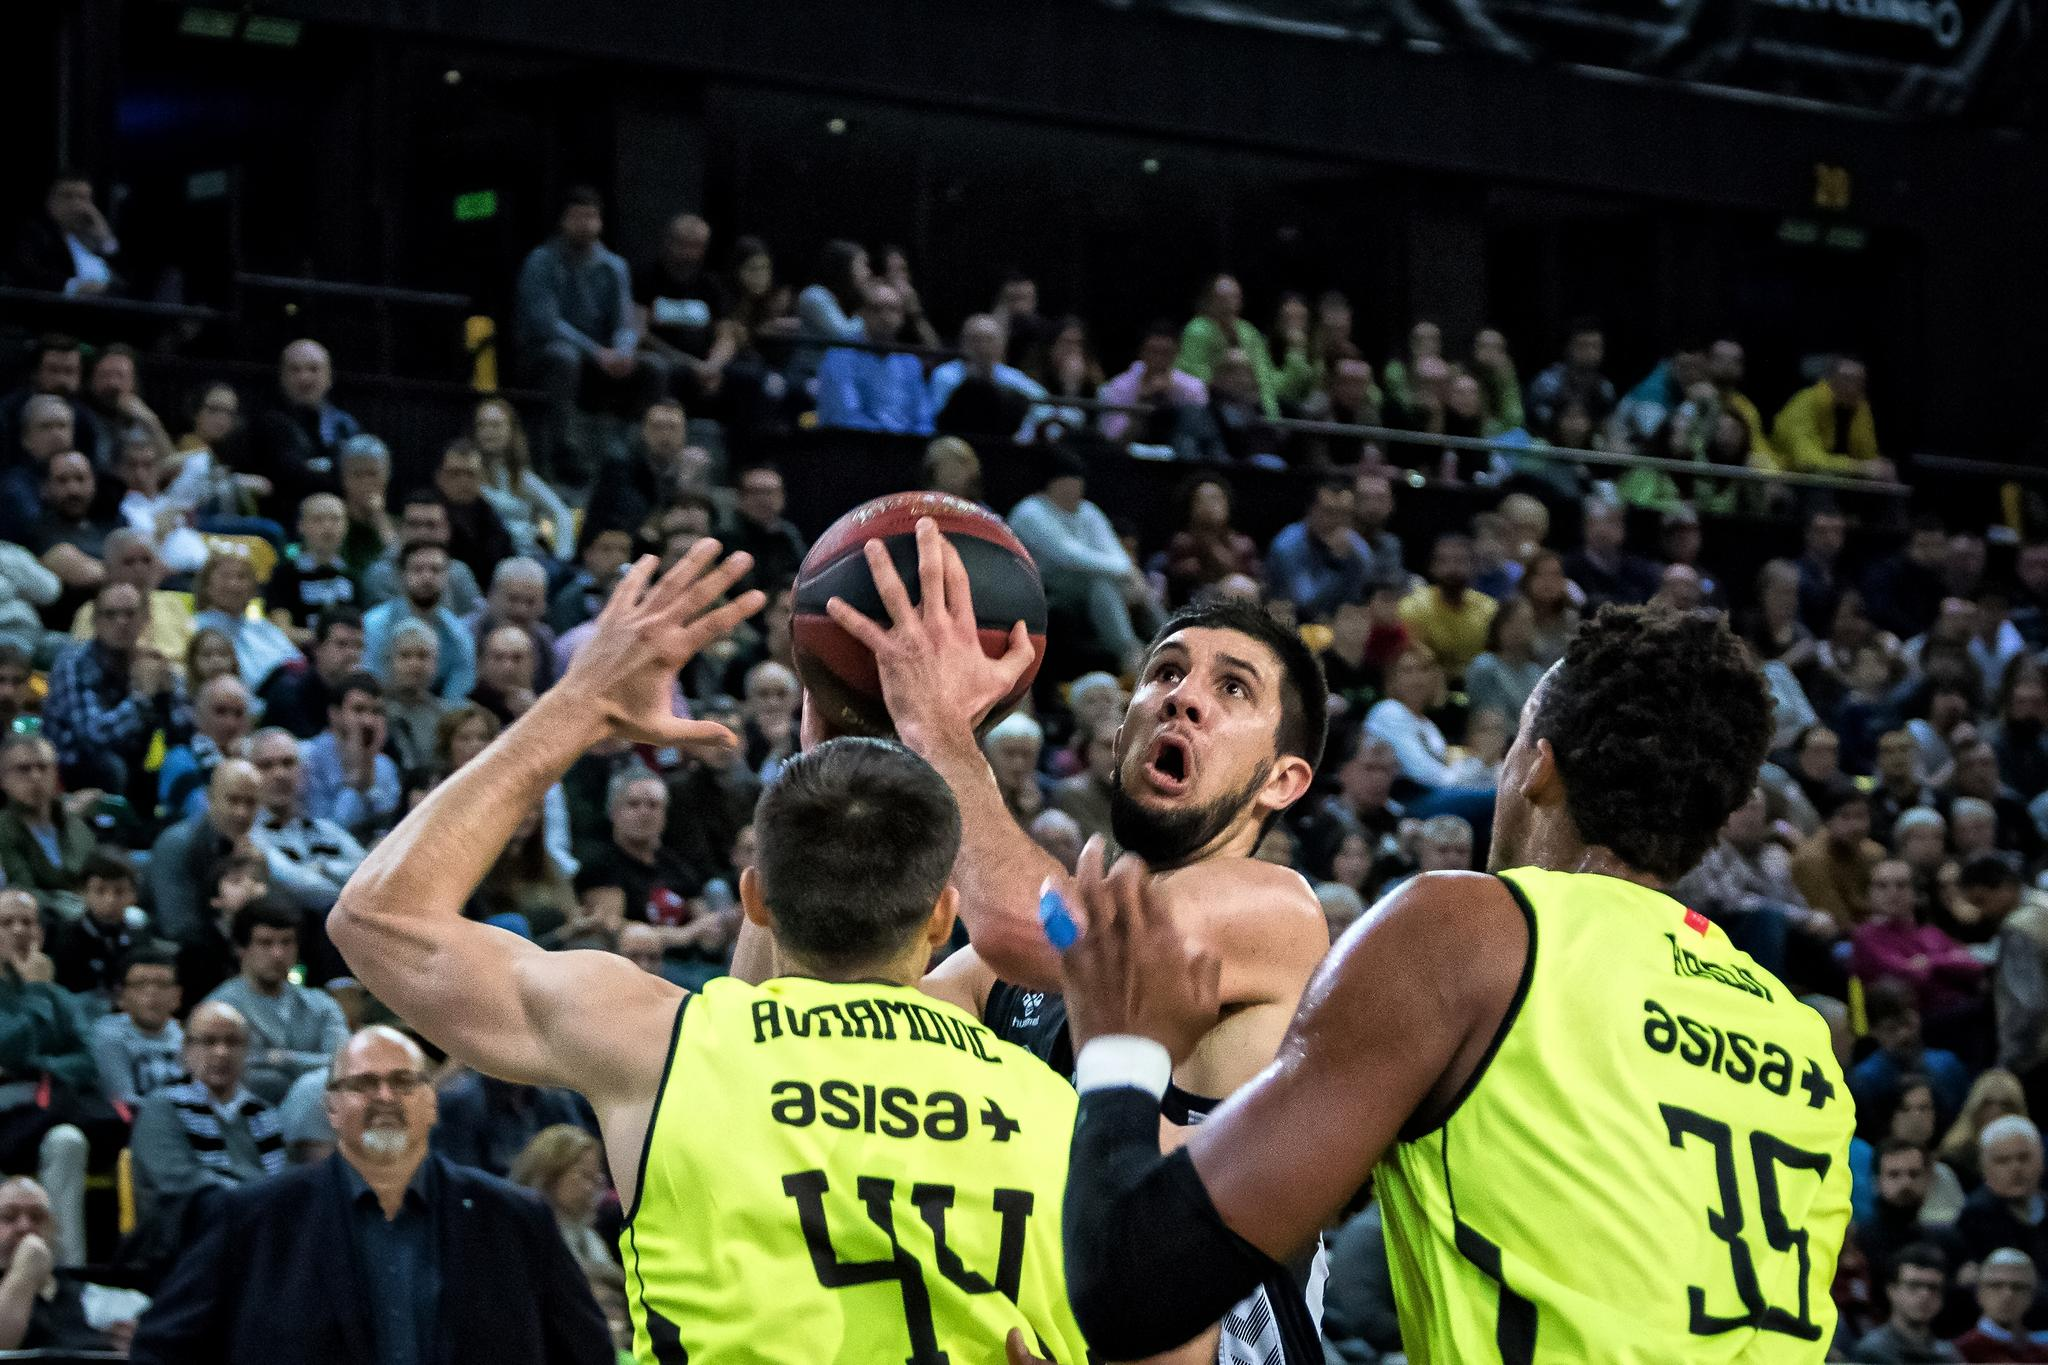 Bouteille intenta lanzar a canasta ante dos defensores (Foto: Luis Fernando Boo).